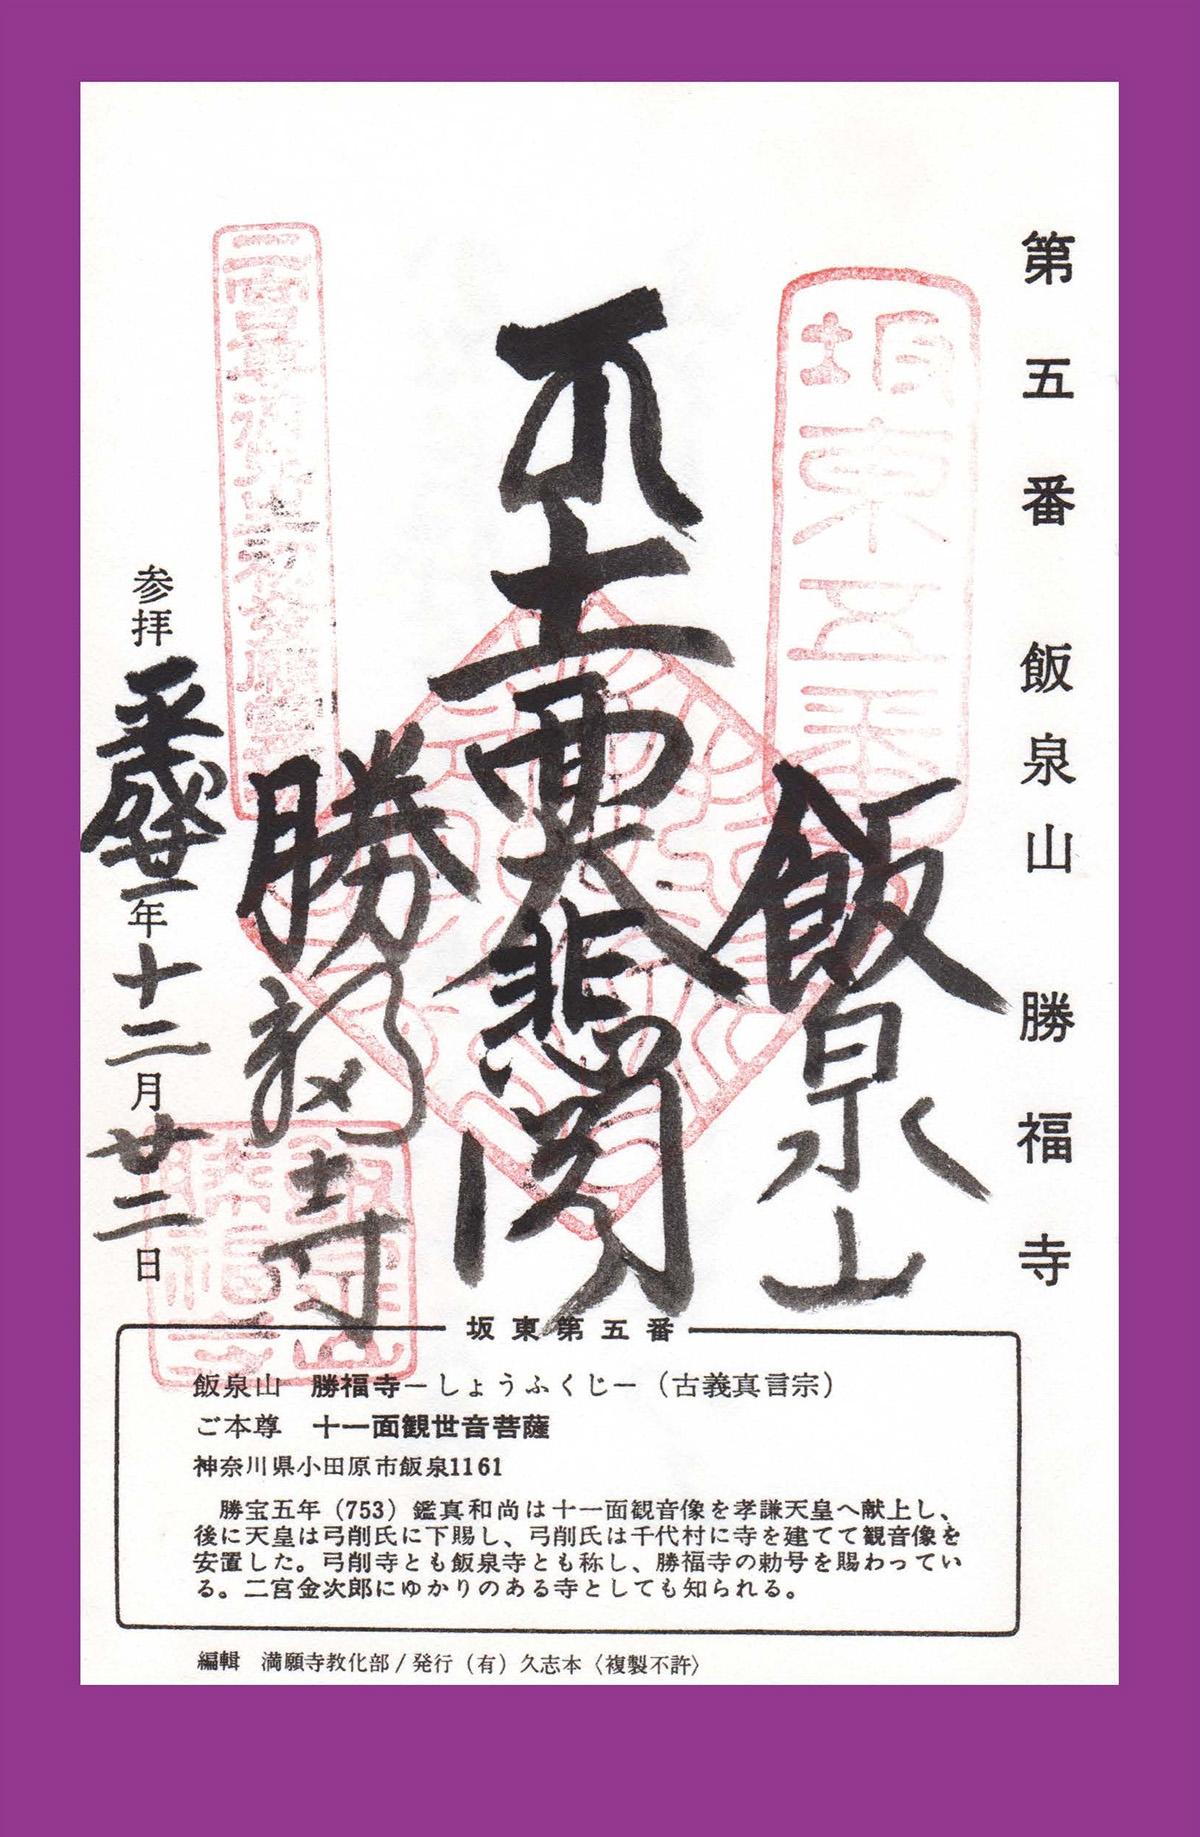 坂東札所 第5番【飯泉山・勝福寺】